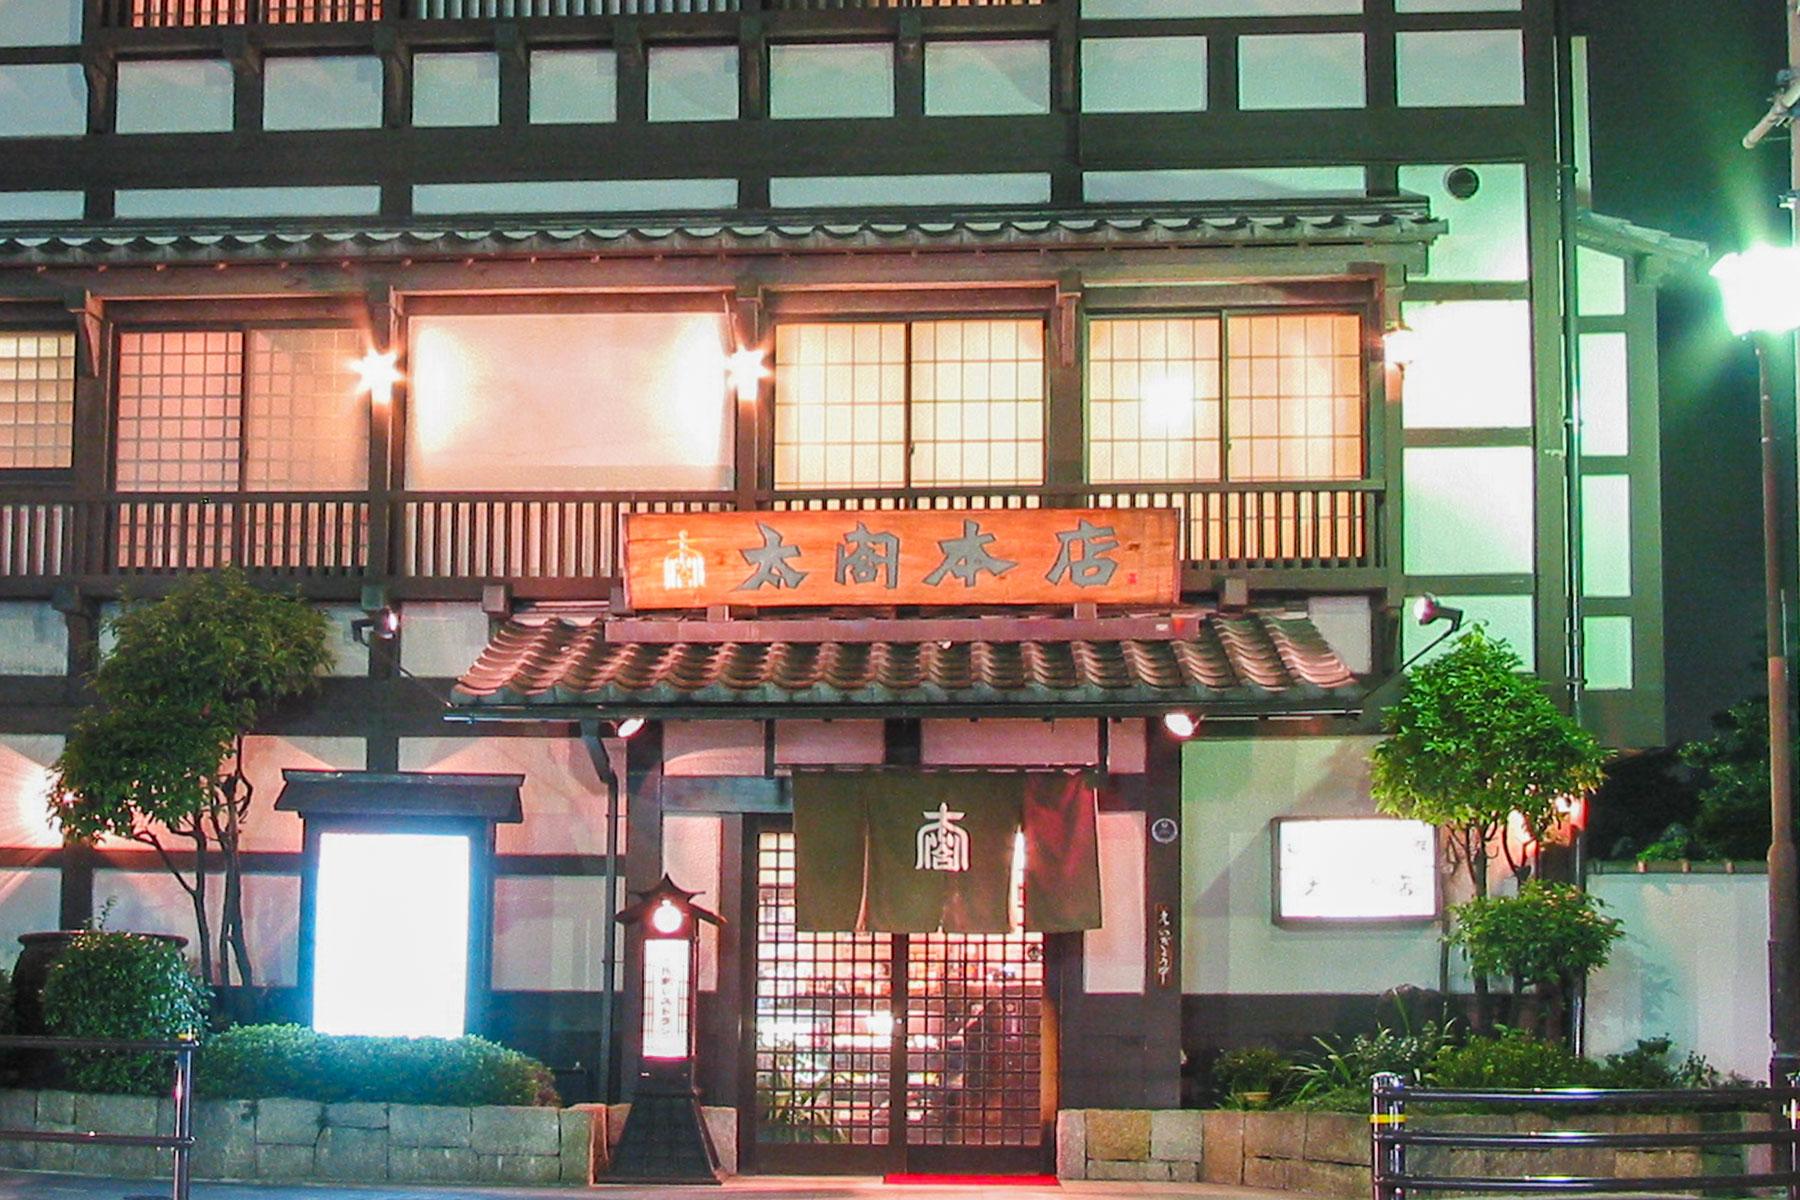 令和3年8/8~8/31 太閤本店&花ごよみ営業時間短縮のお知らせ